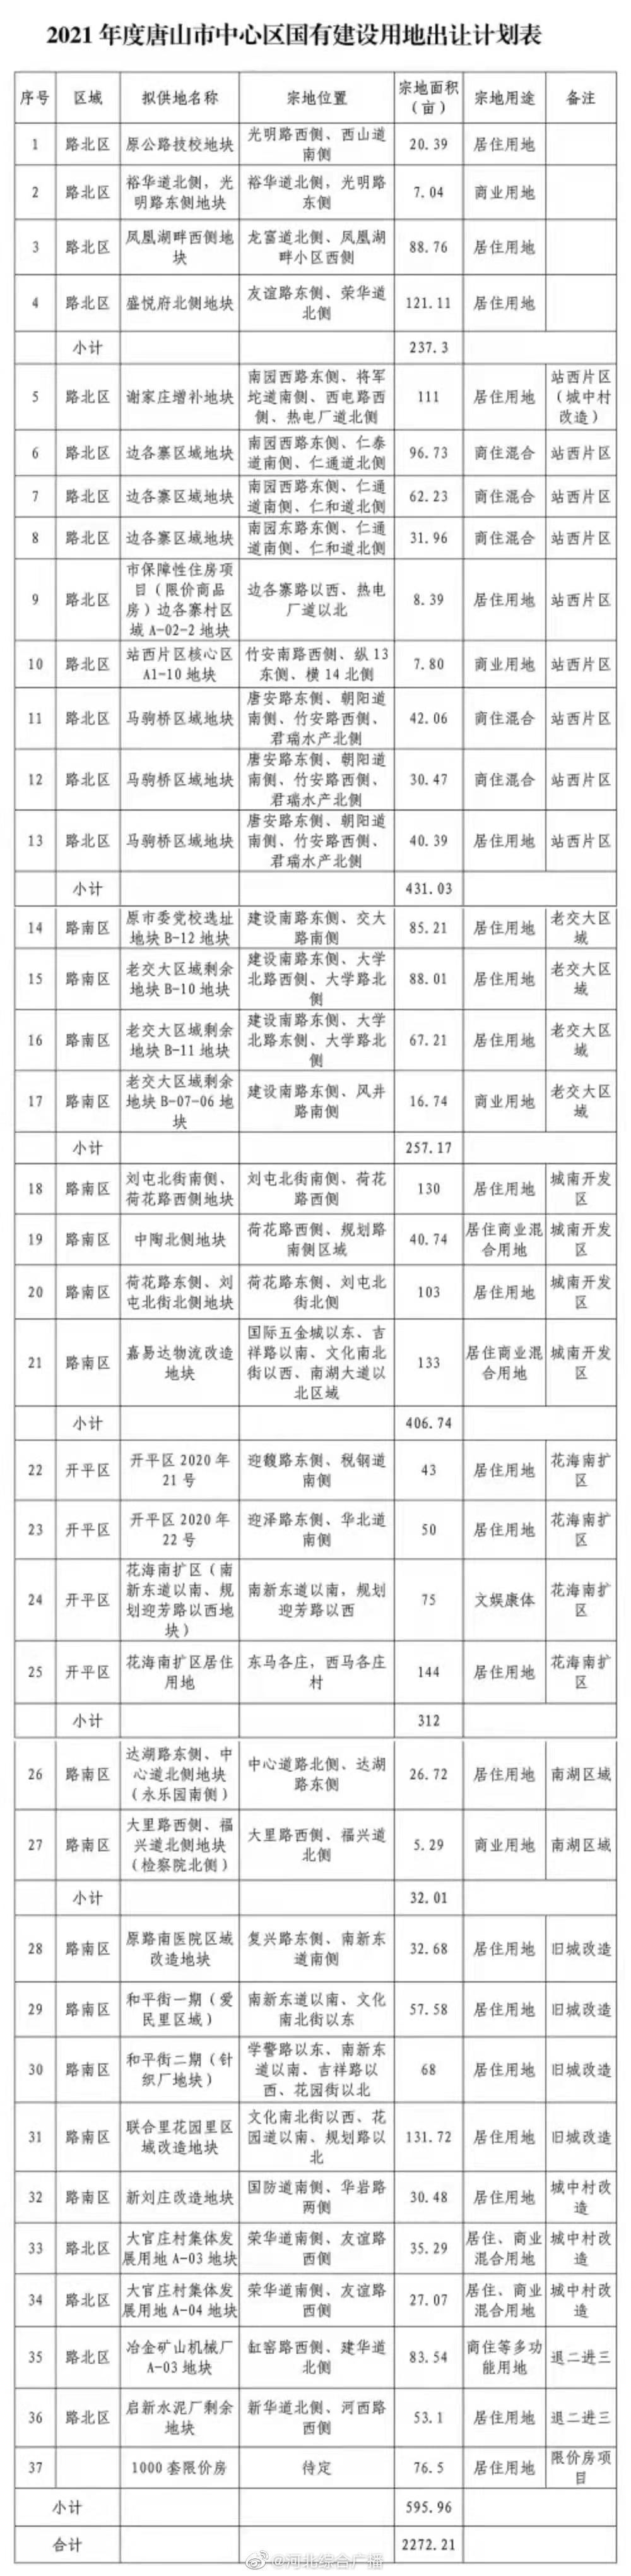 《2021年度唐山市中心区国有建设用地出让计划》公布